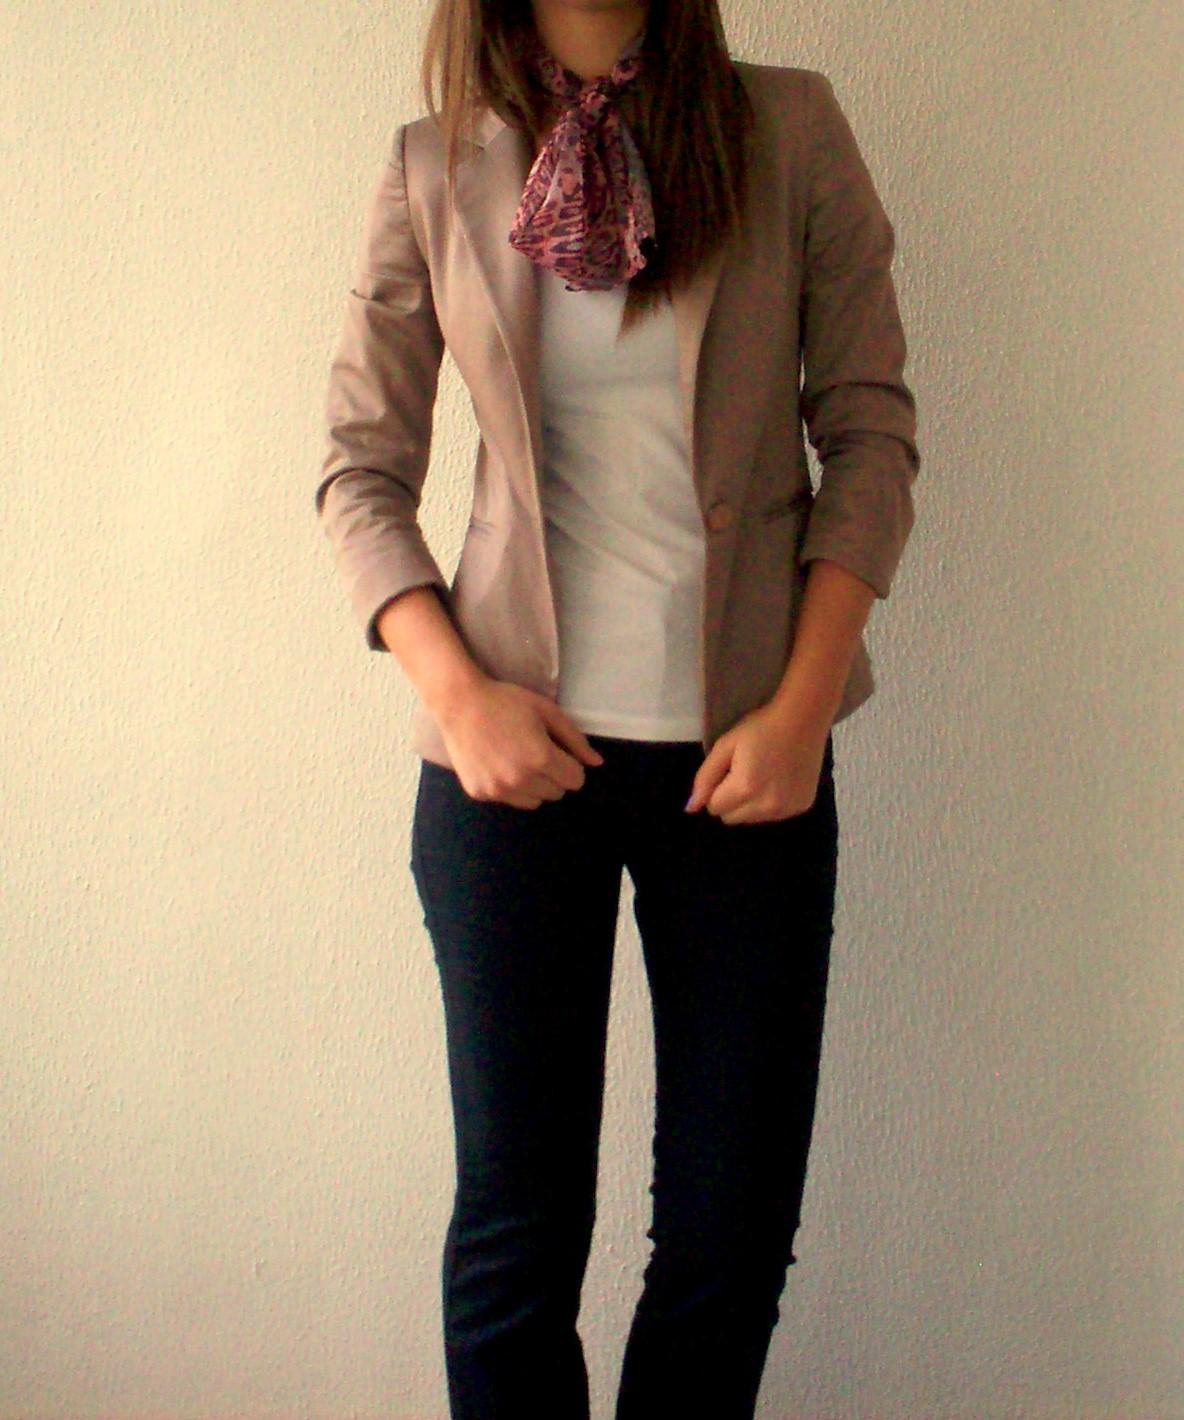 İş görüşmesinde nasıl giyinilmeli